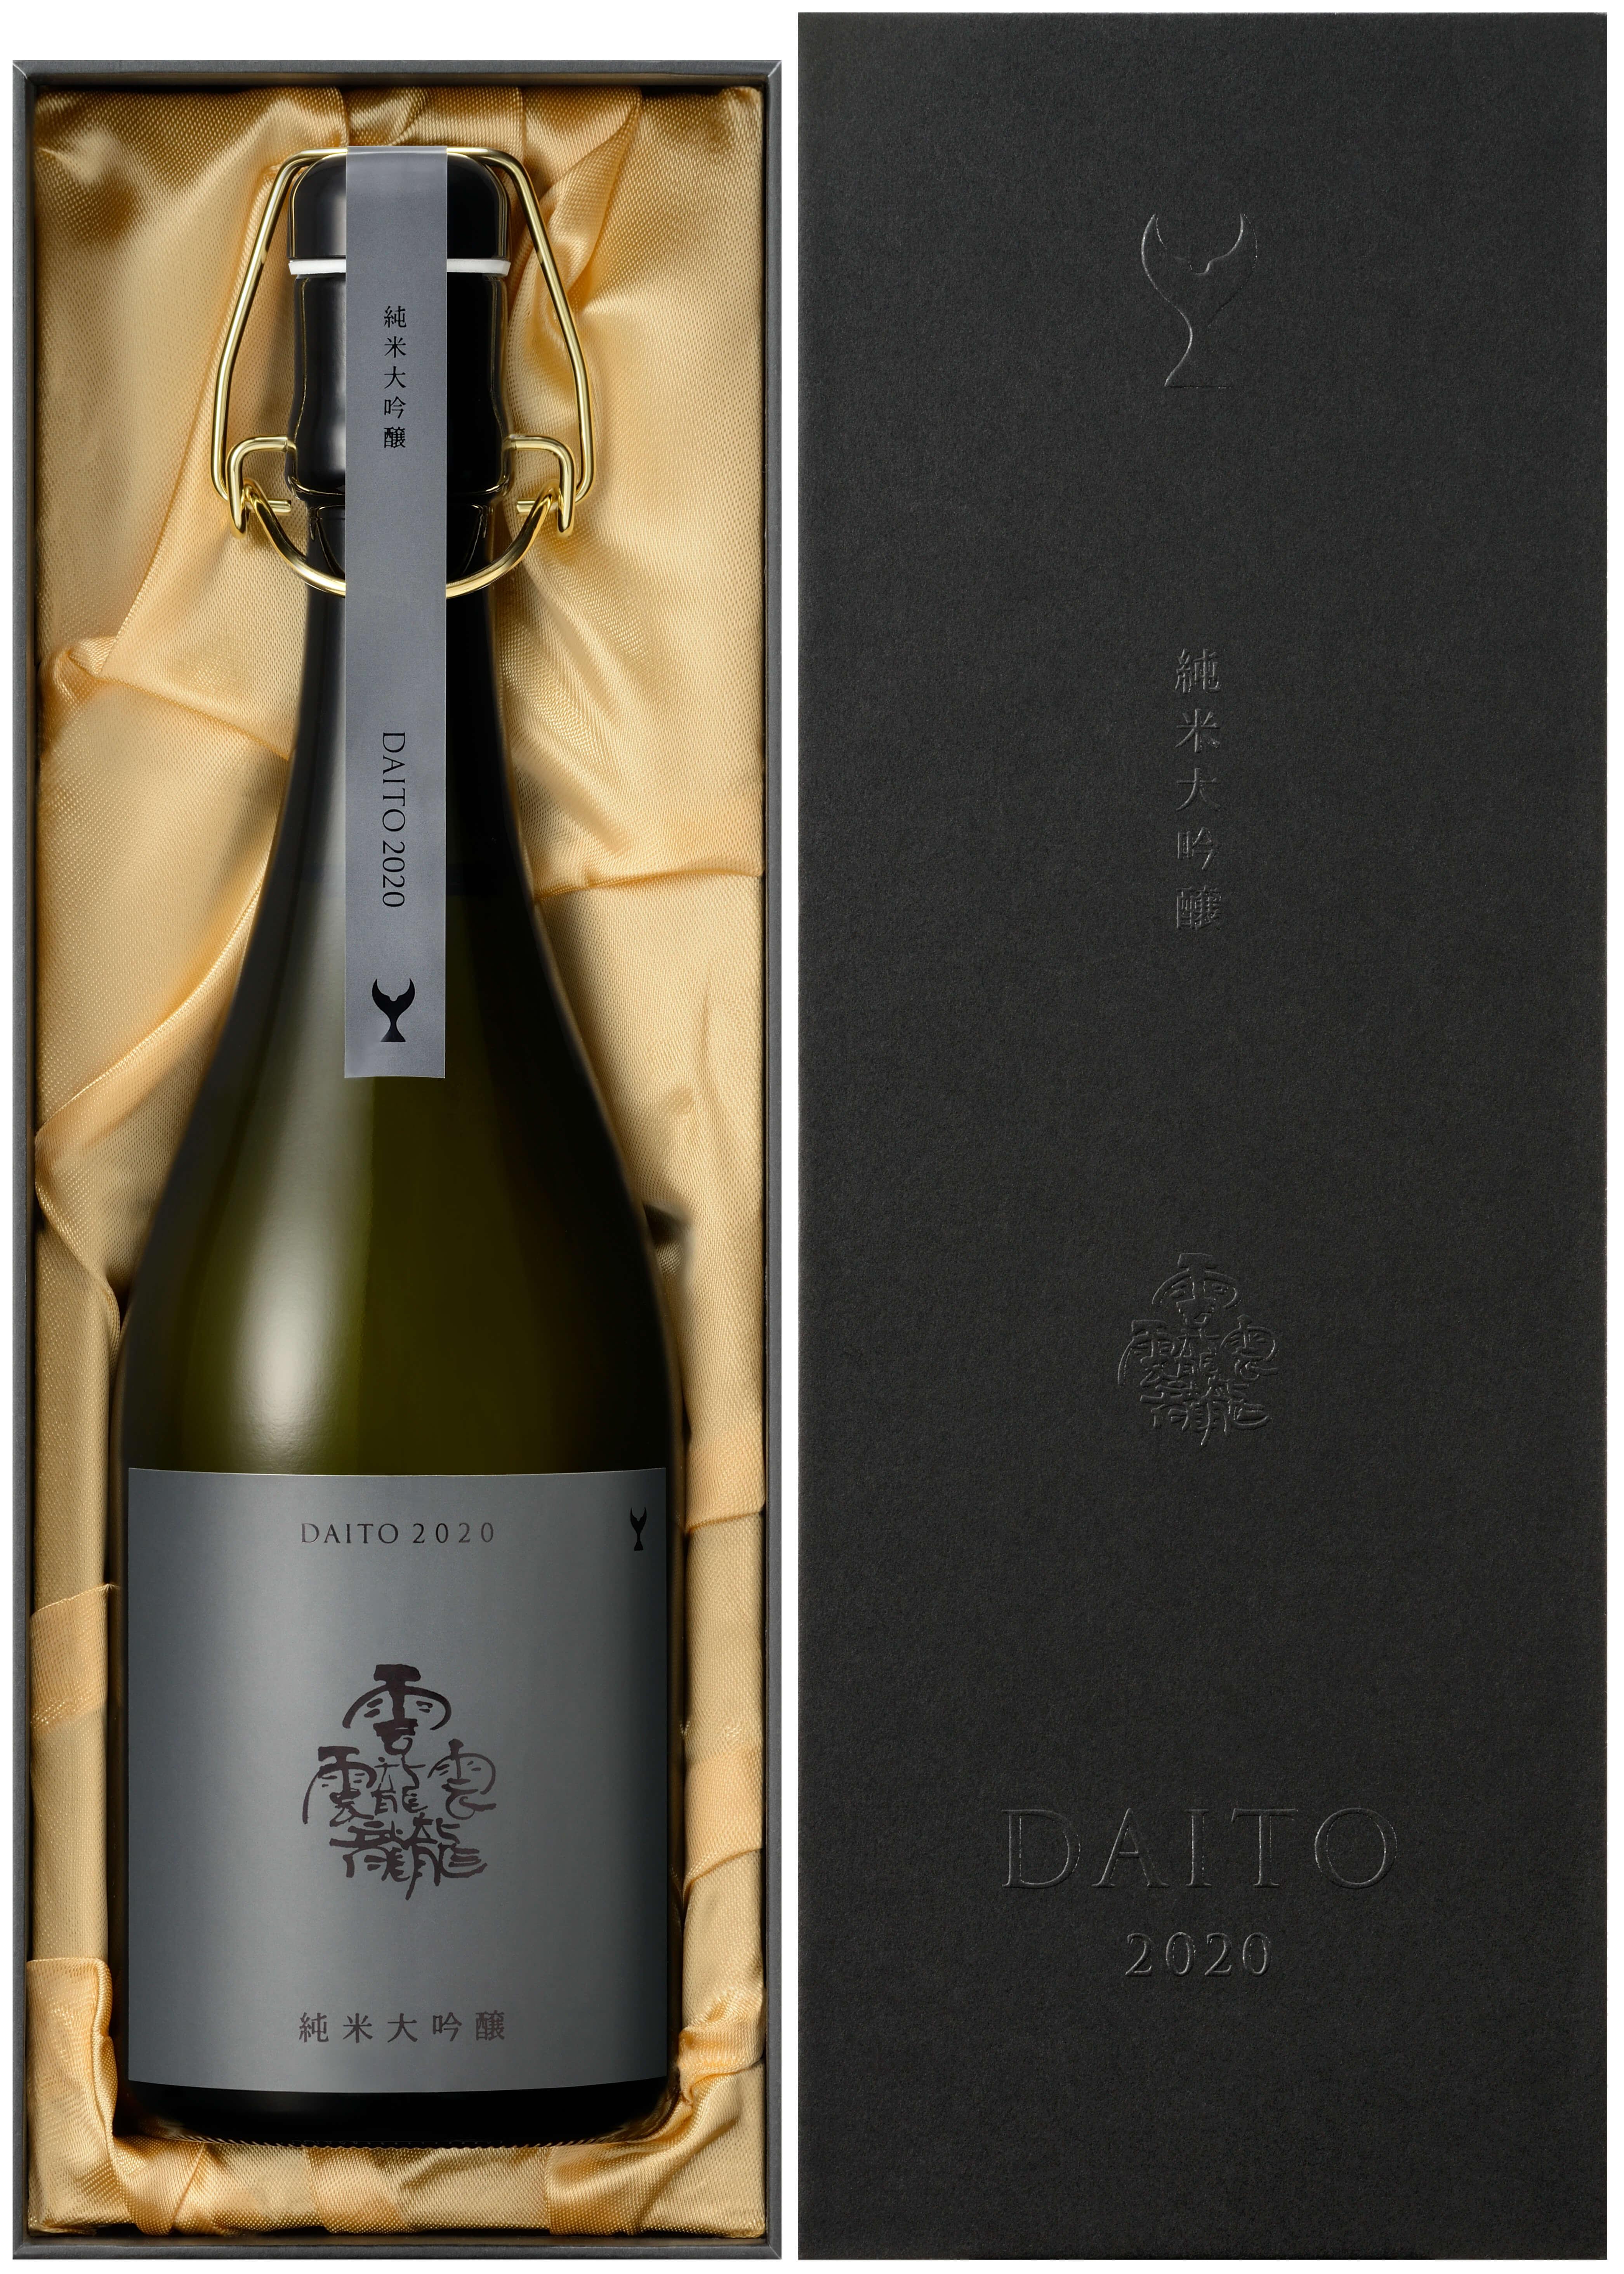 純米大吟醸 DAITO 2020